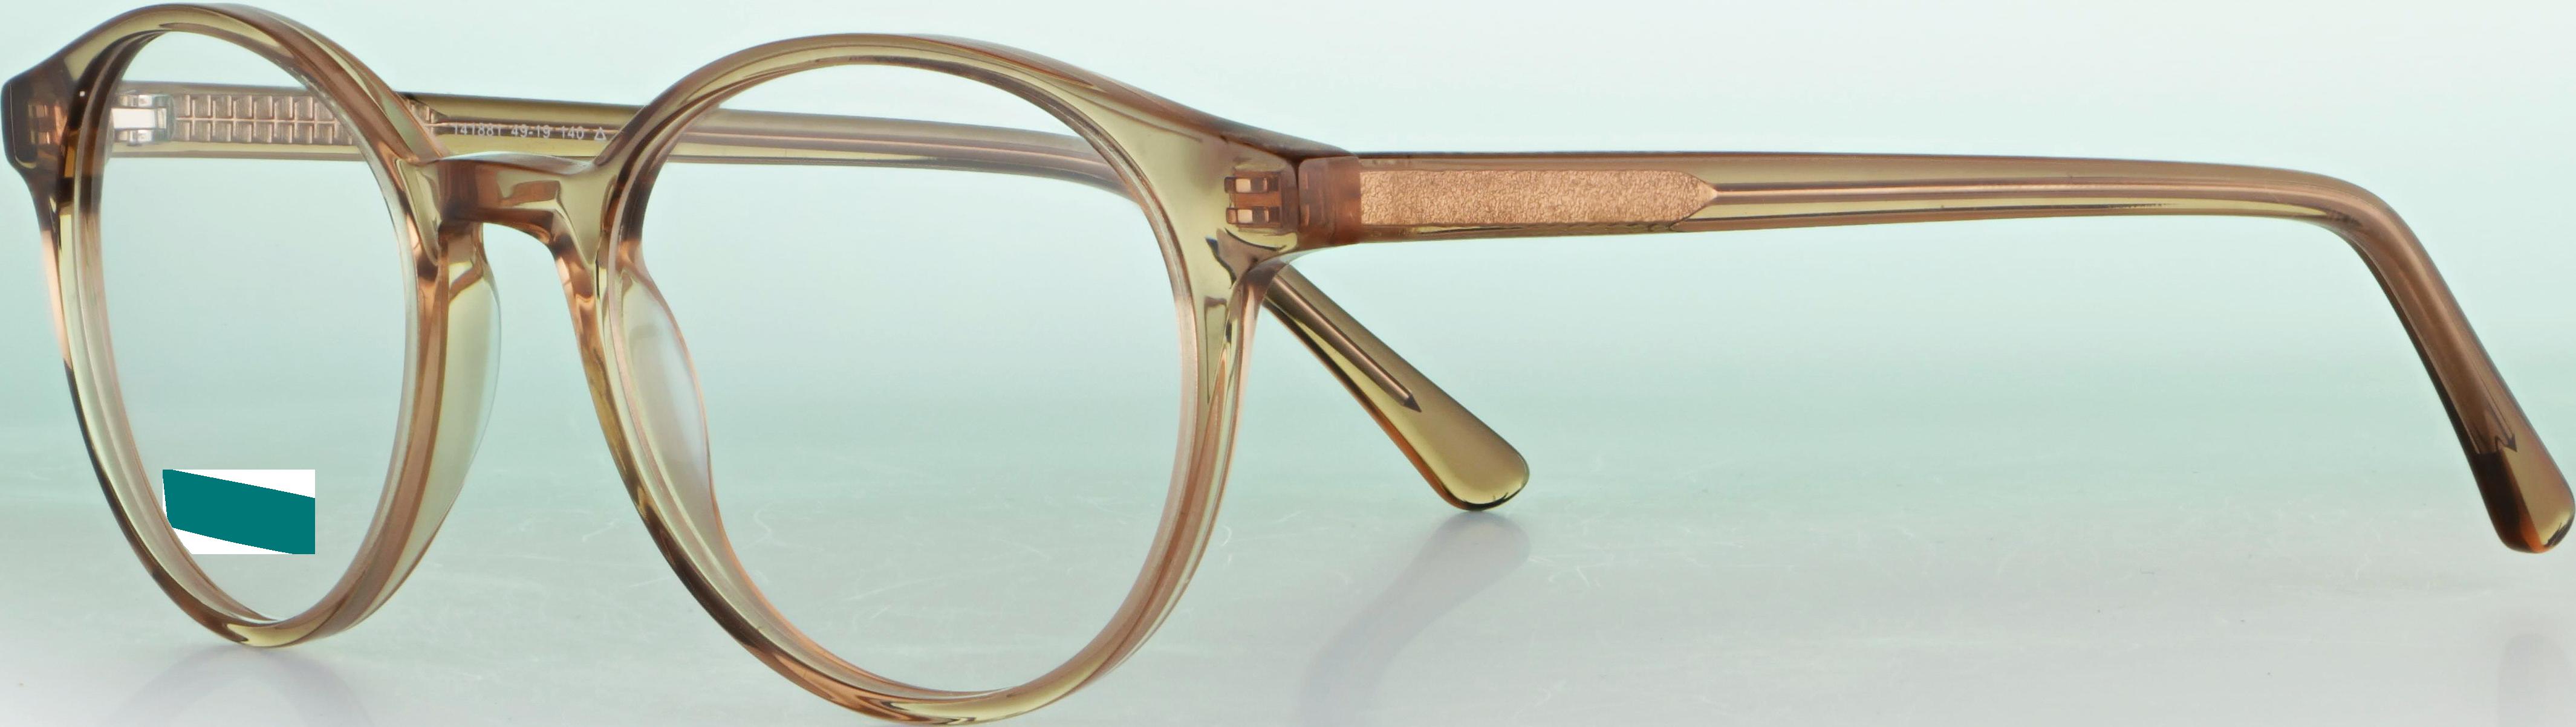 abele optik Brille 141881